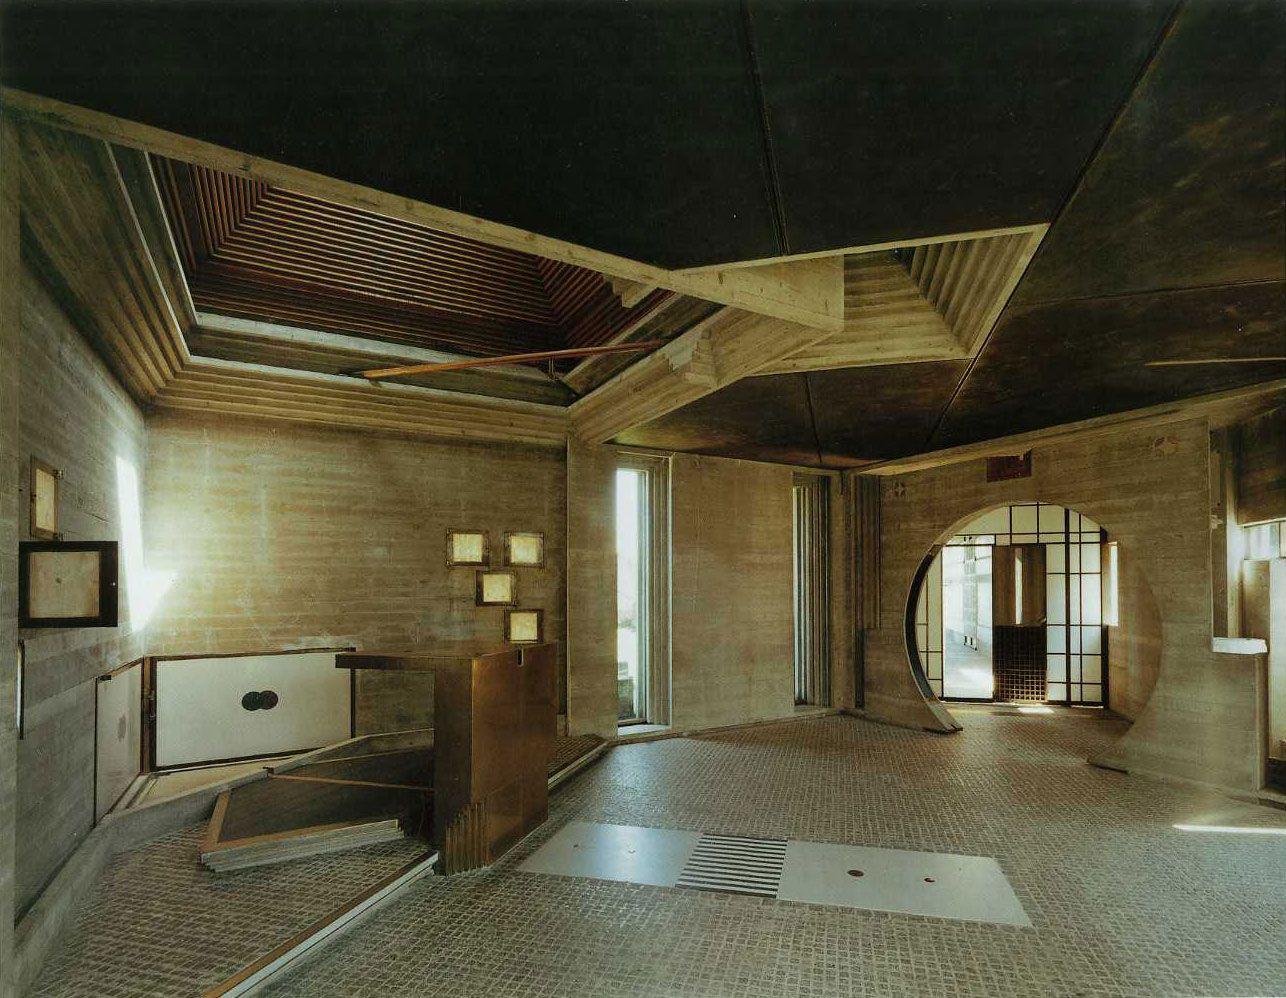 Die symbolsprache von carlo scarpa vegas architecture - Carlo scarpa architecture and design ...